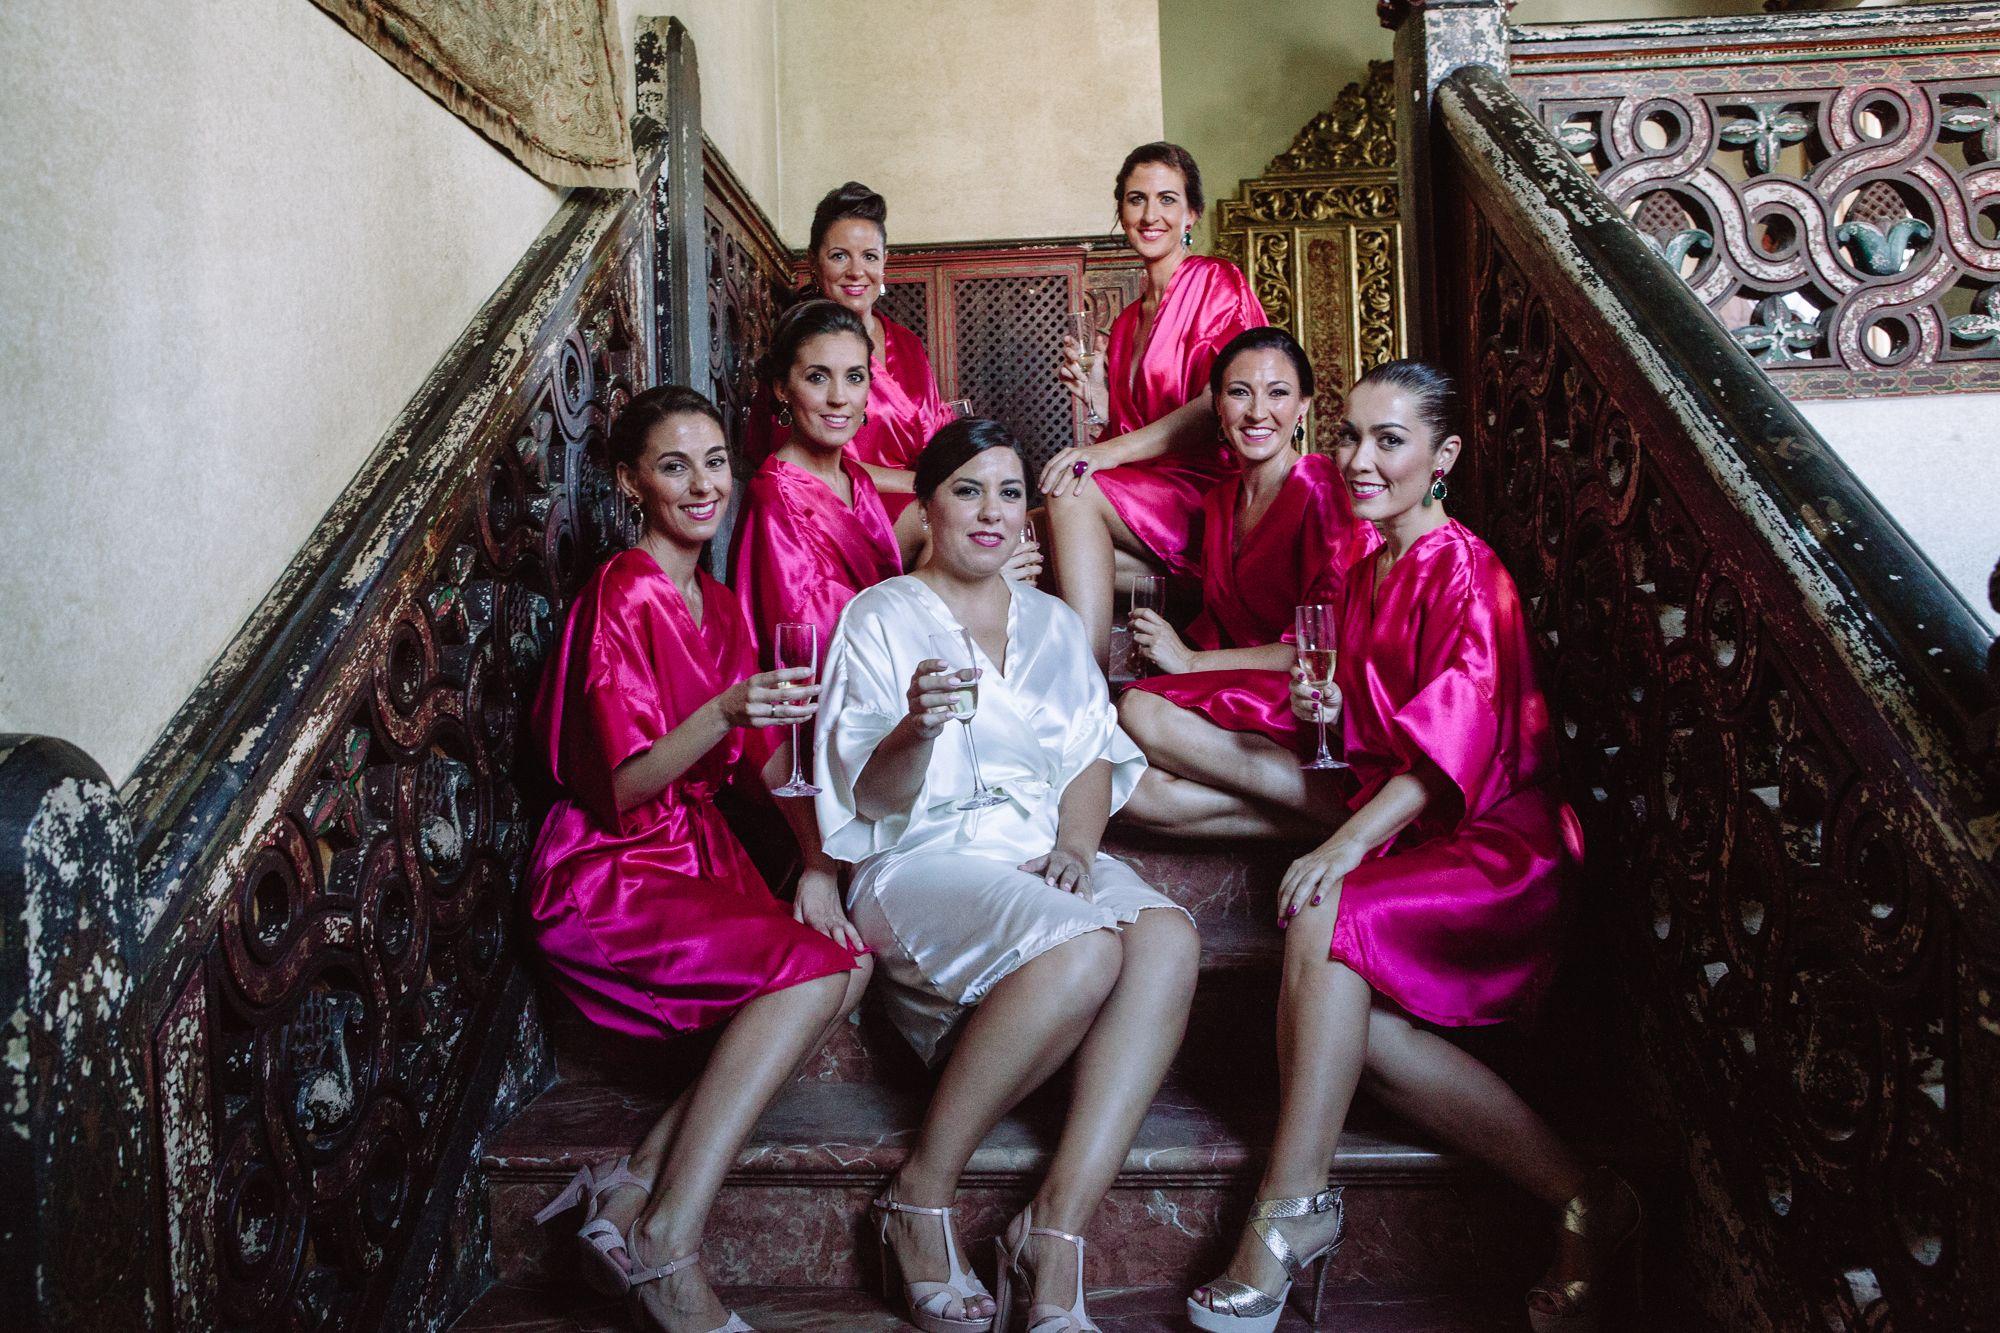 La boda de Amanda y Jorge en Villa Luisa 12